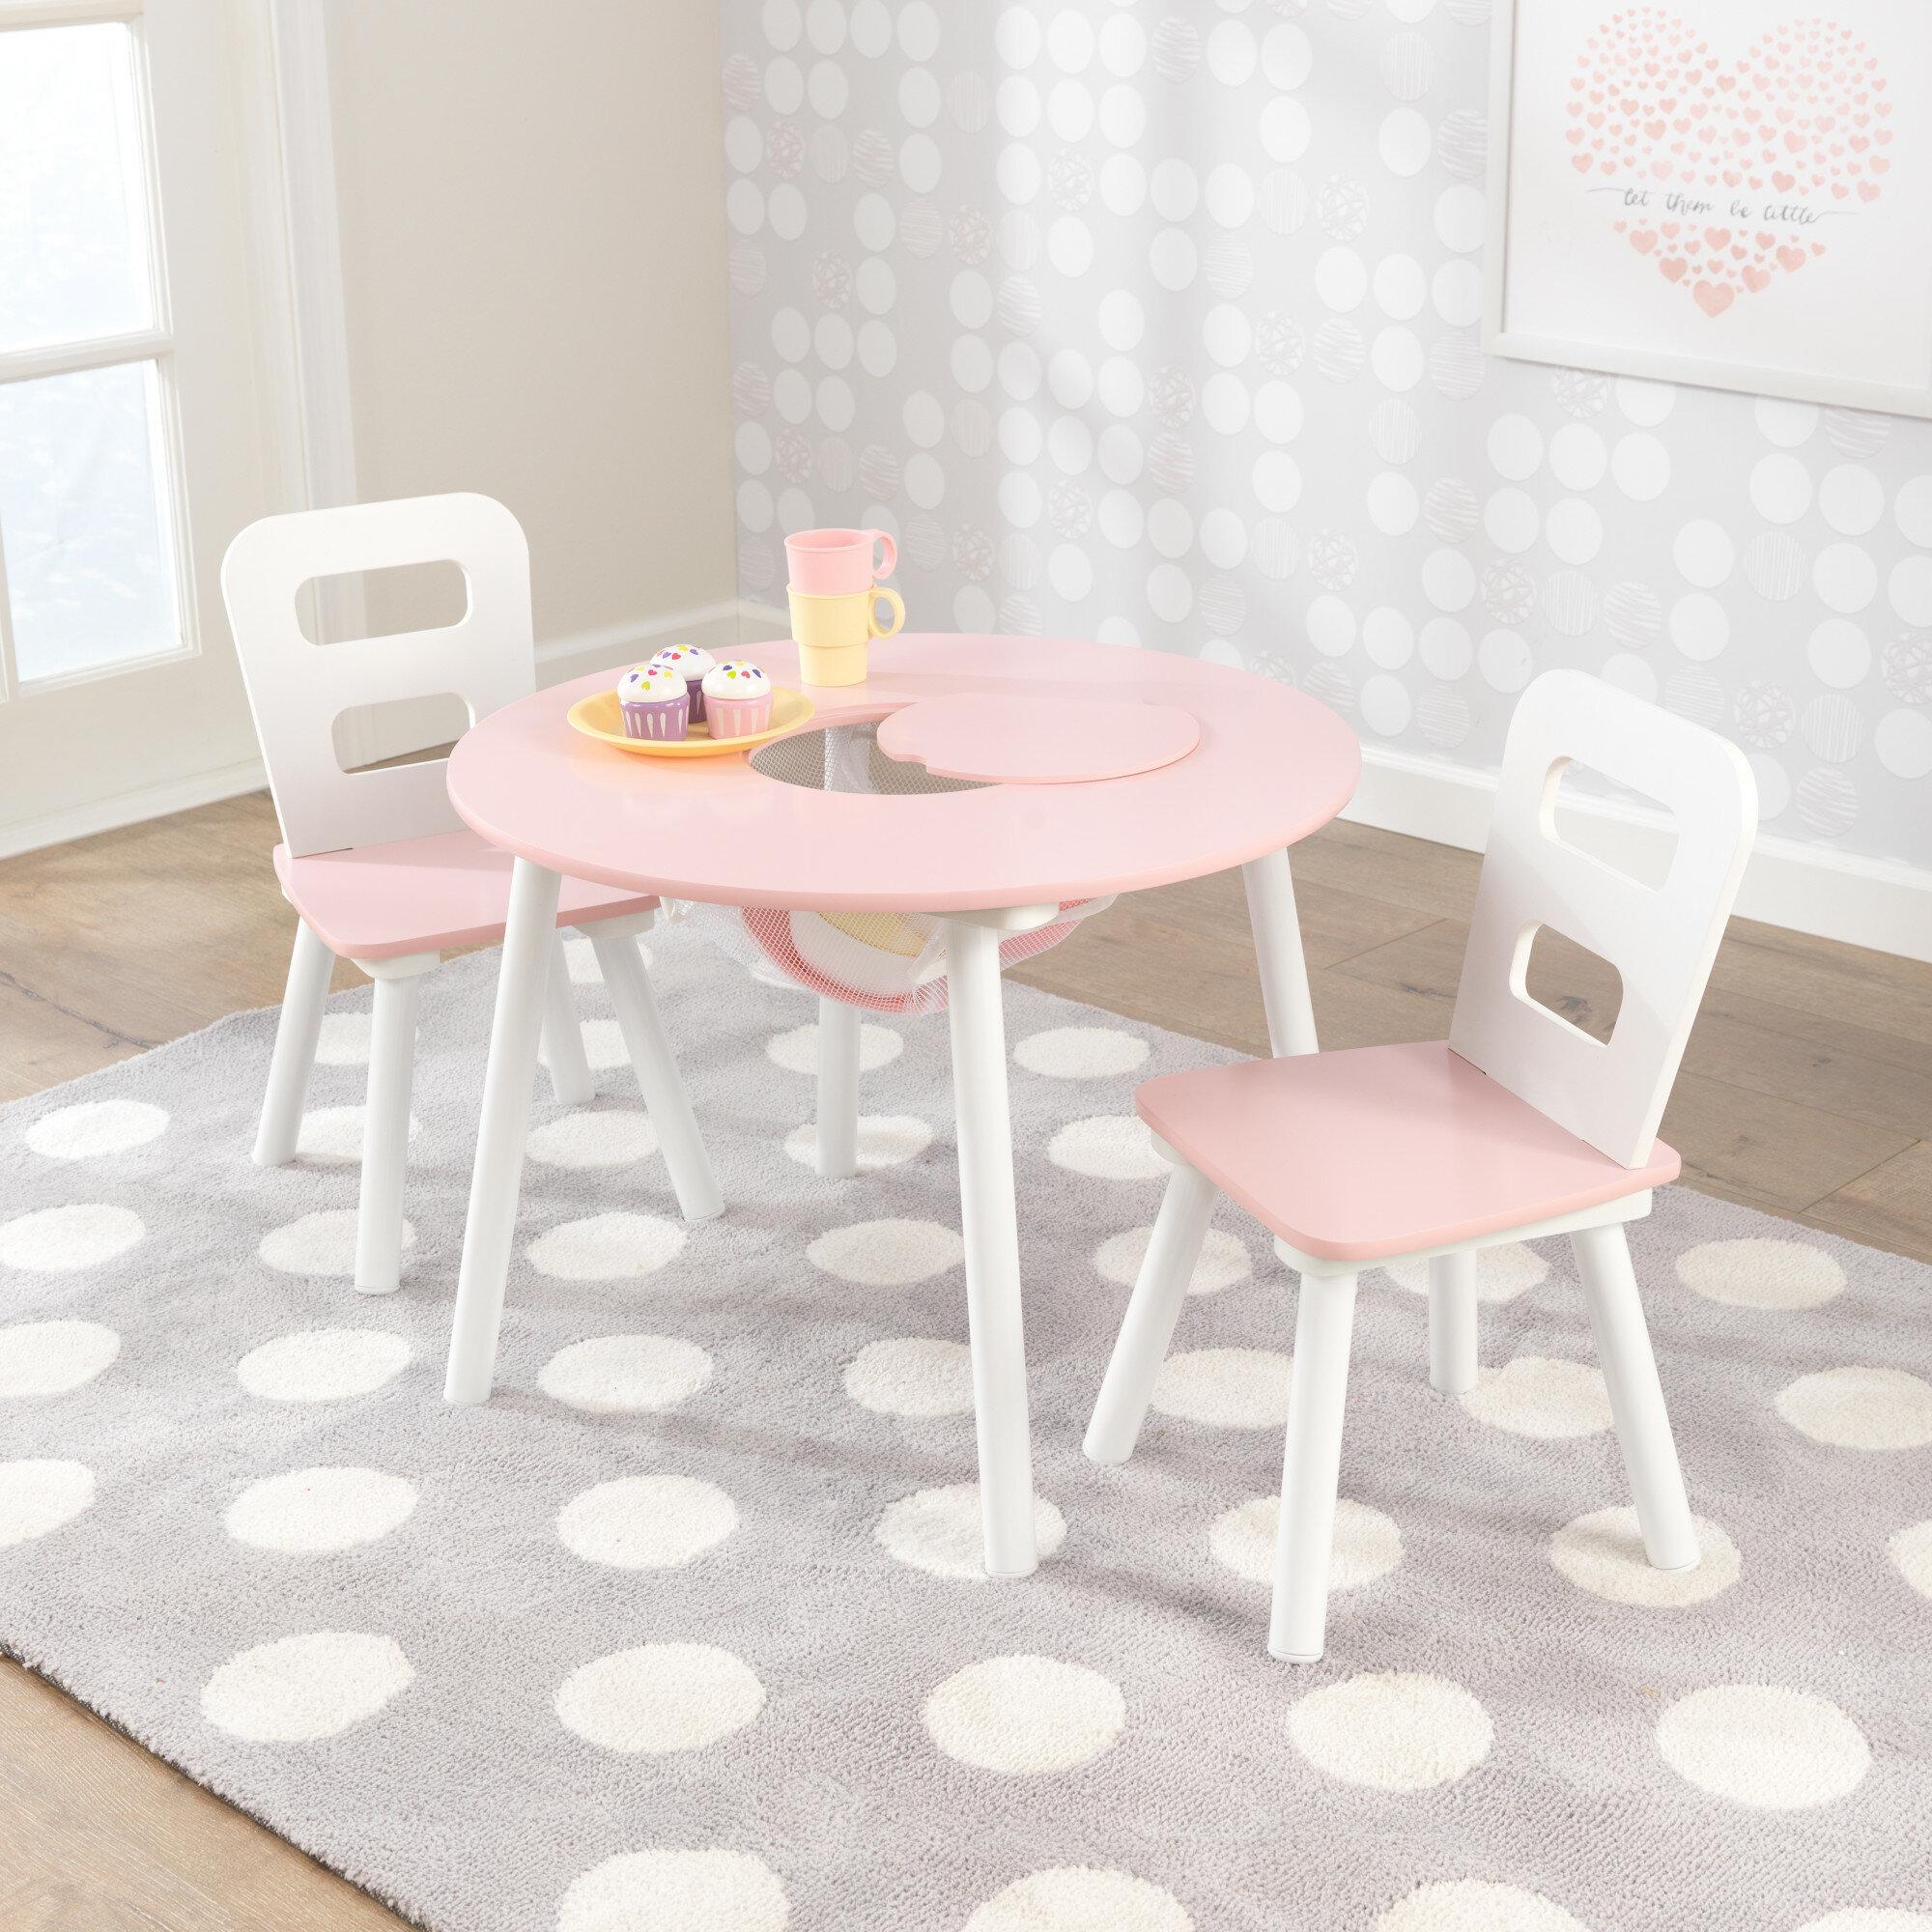 Kidkraft 3 Tlg Kinder Tisch Und Stuhl Set Bewertungen Wayfair De